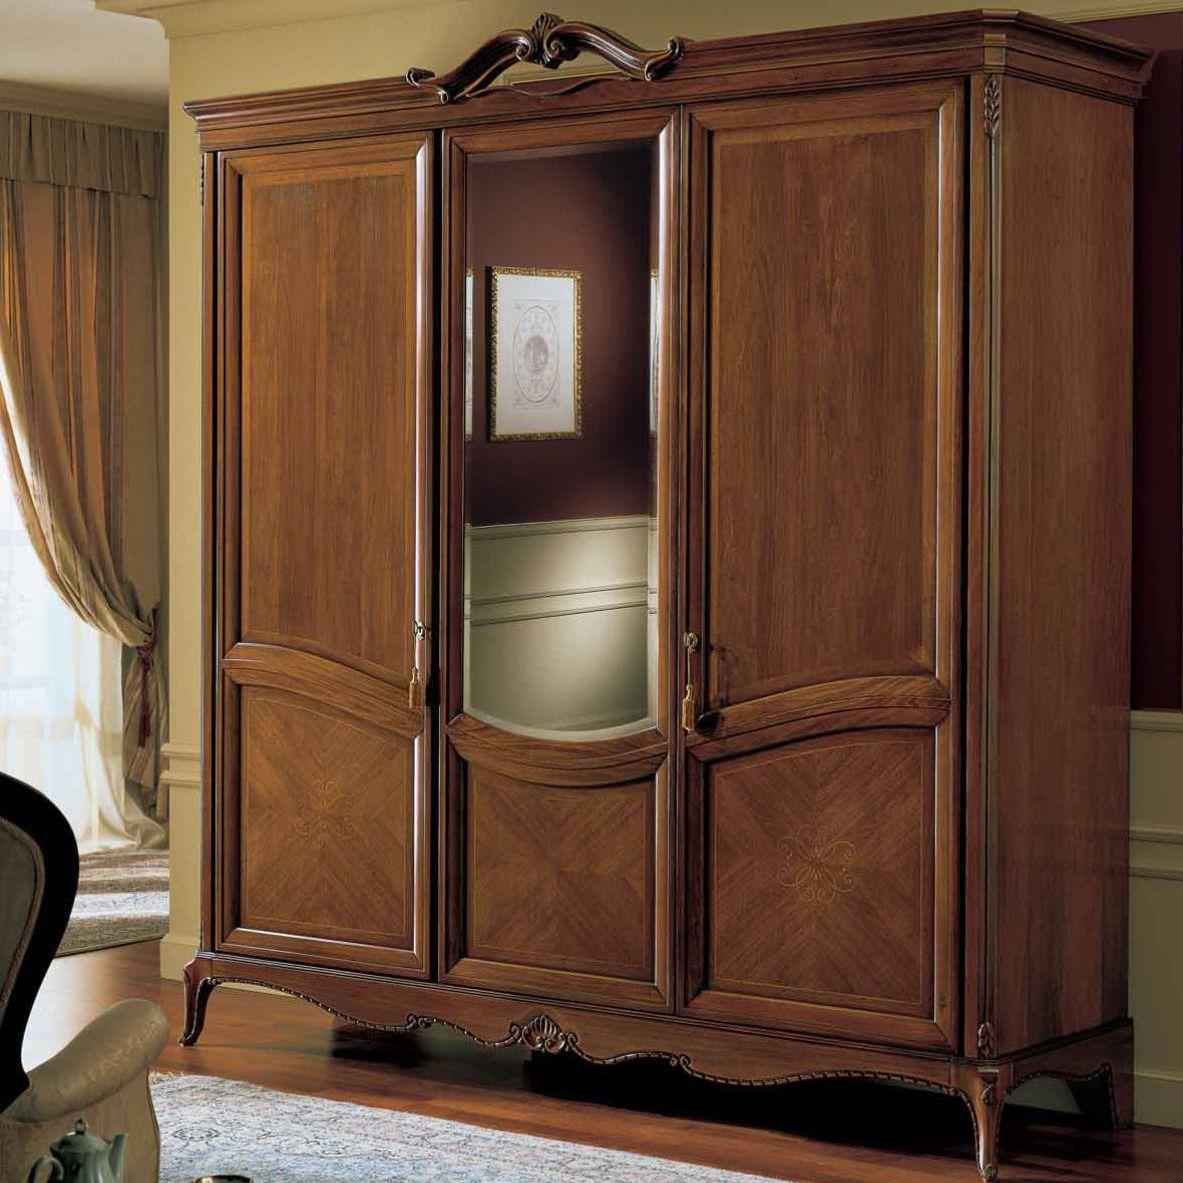 Armadio classico / in legno / con porta battente / a specchio ...